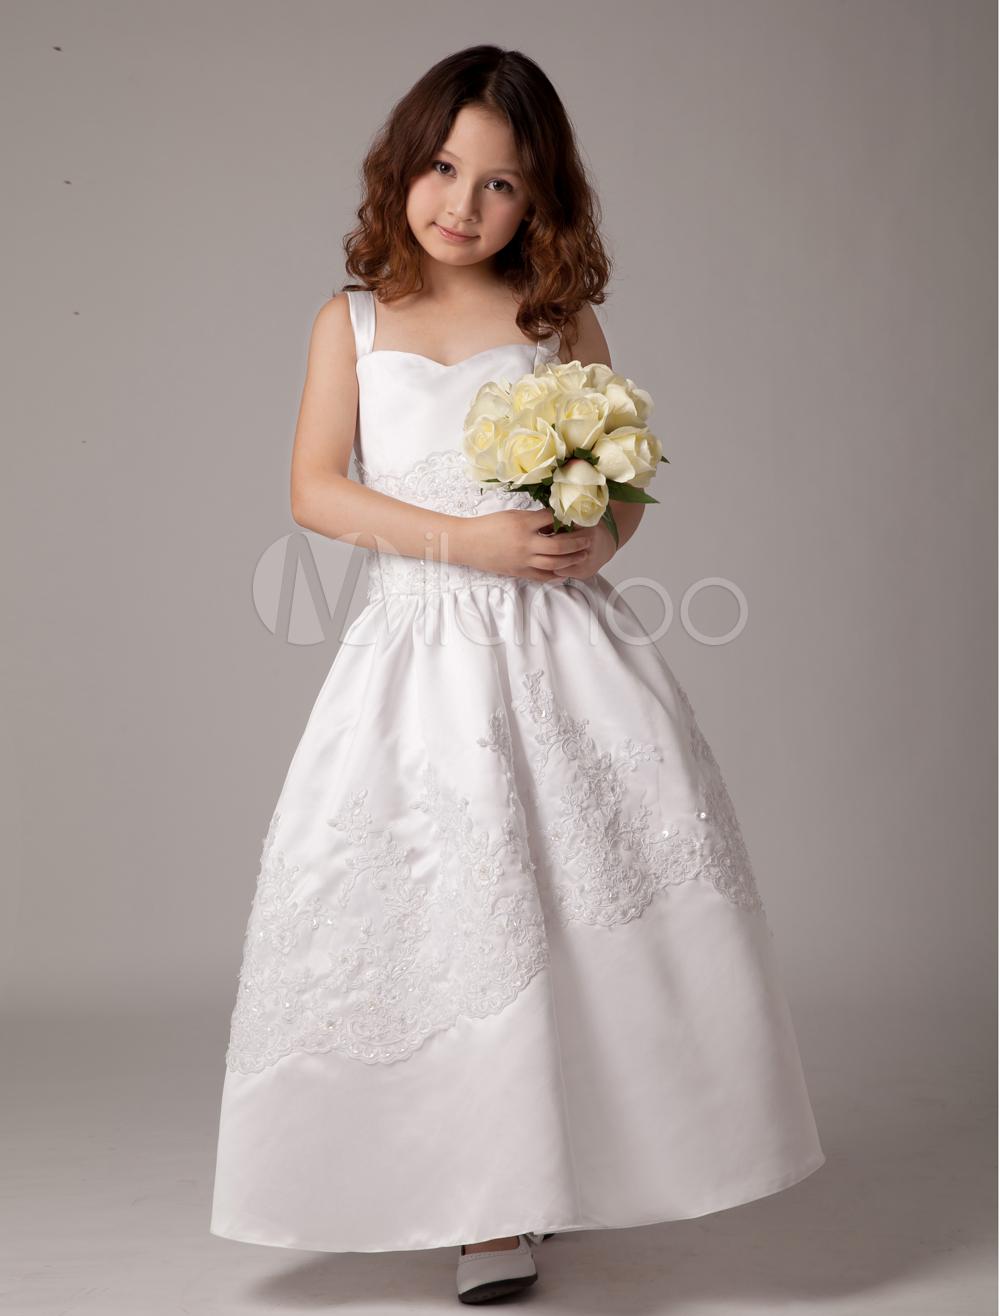 Junior Bridesmaid Dresses a62d2cec7e39